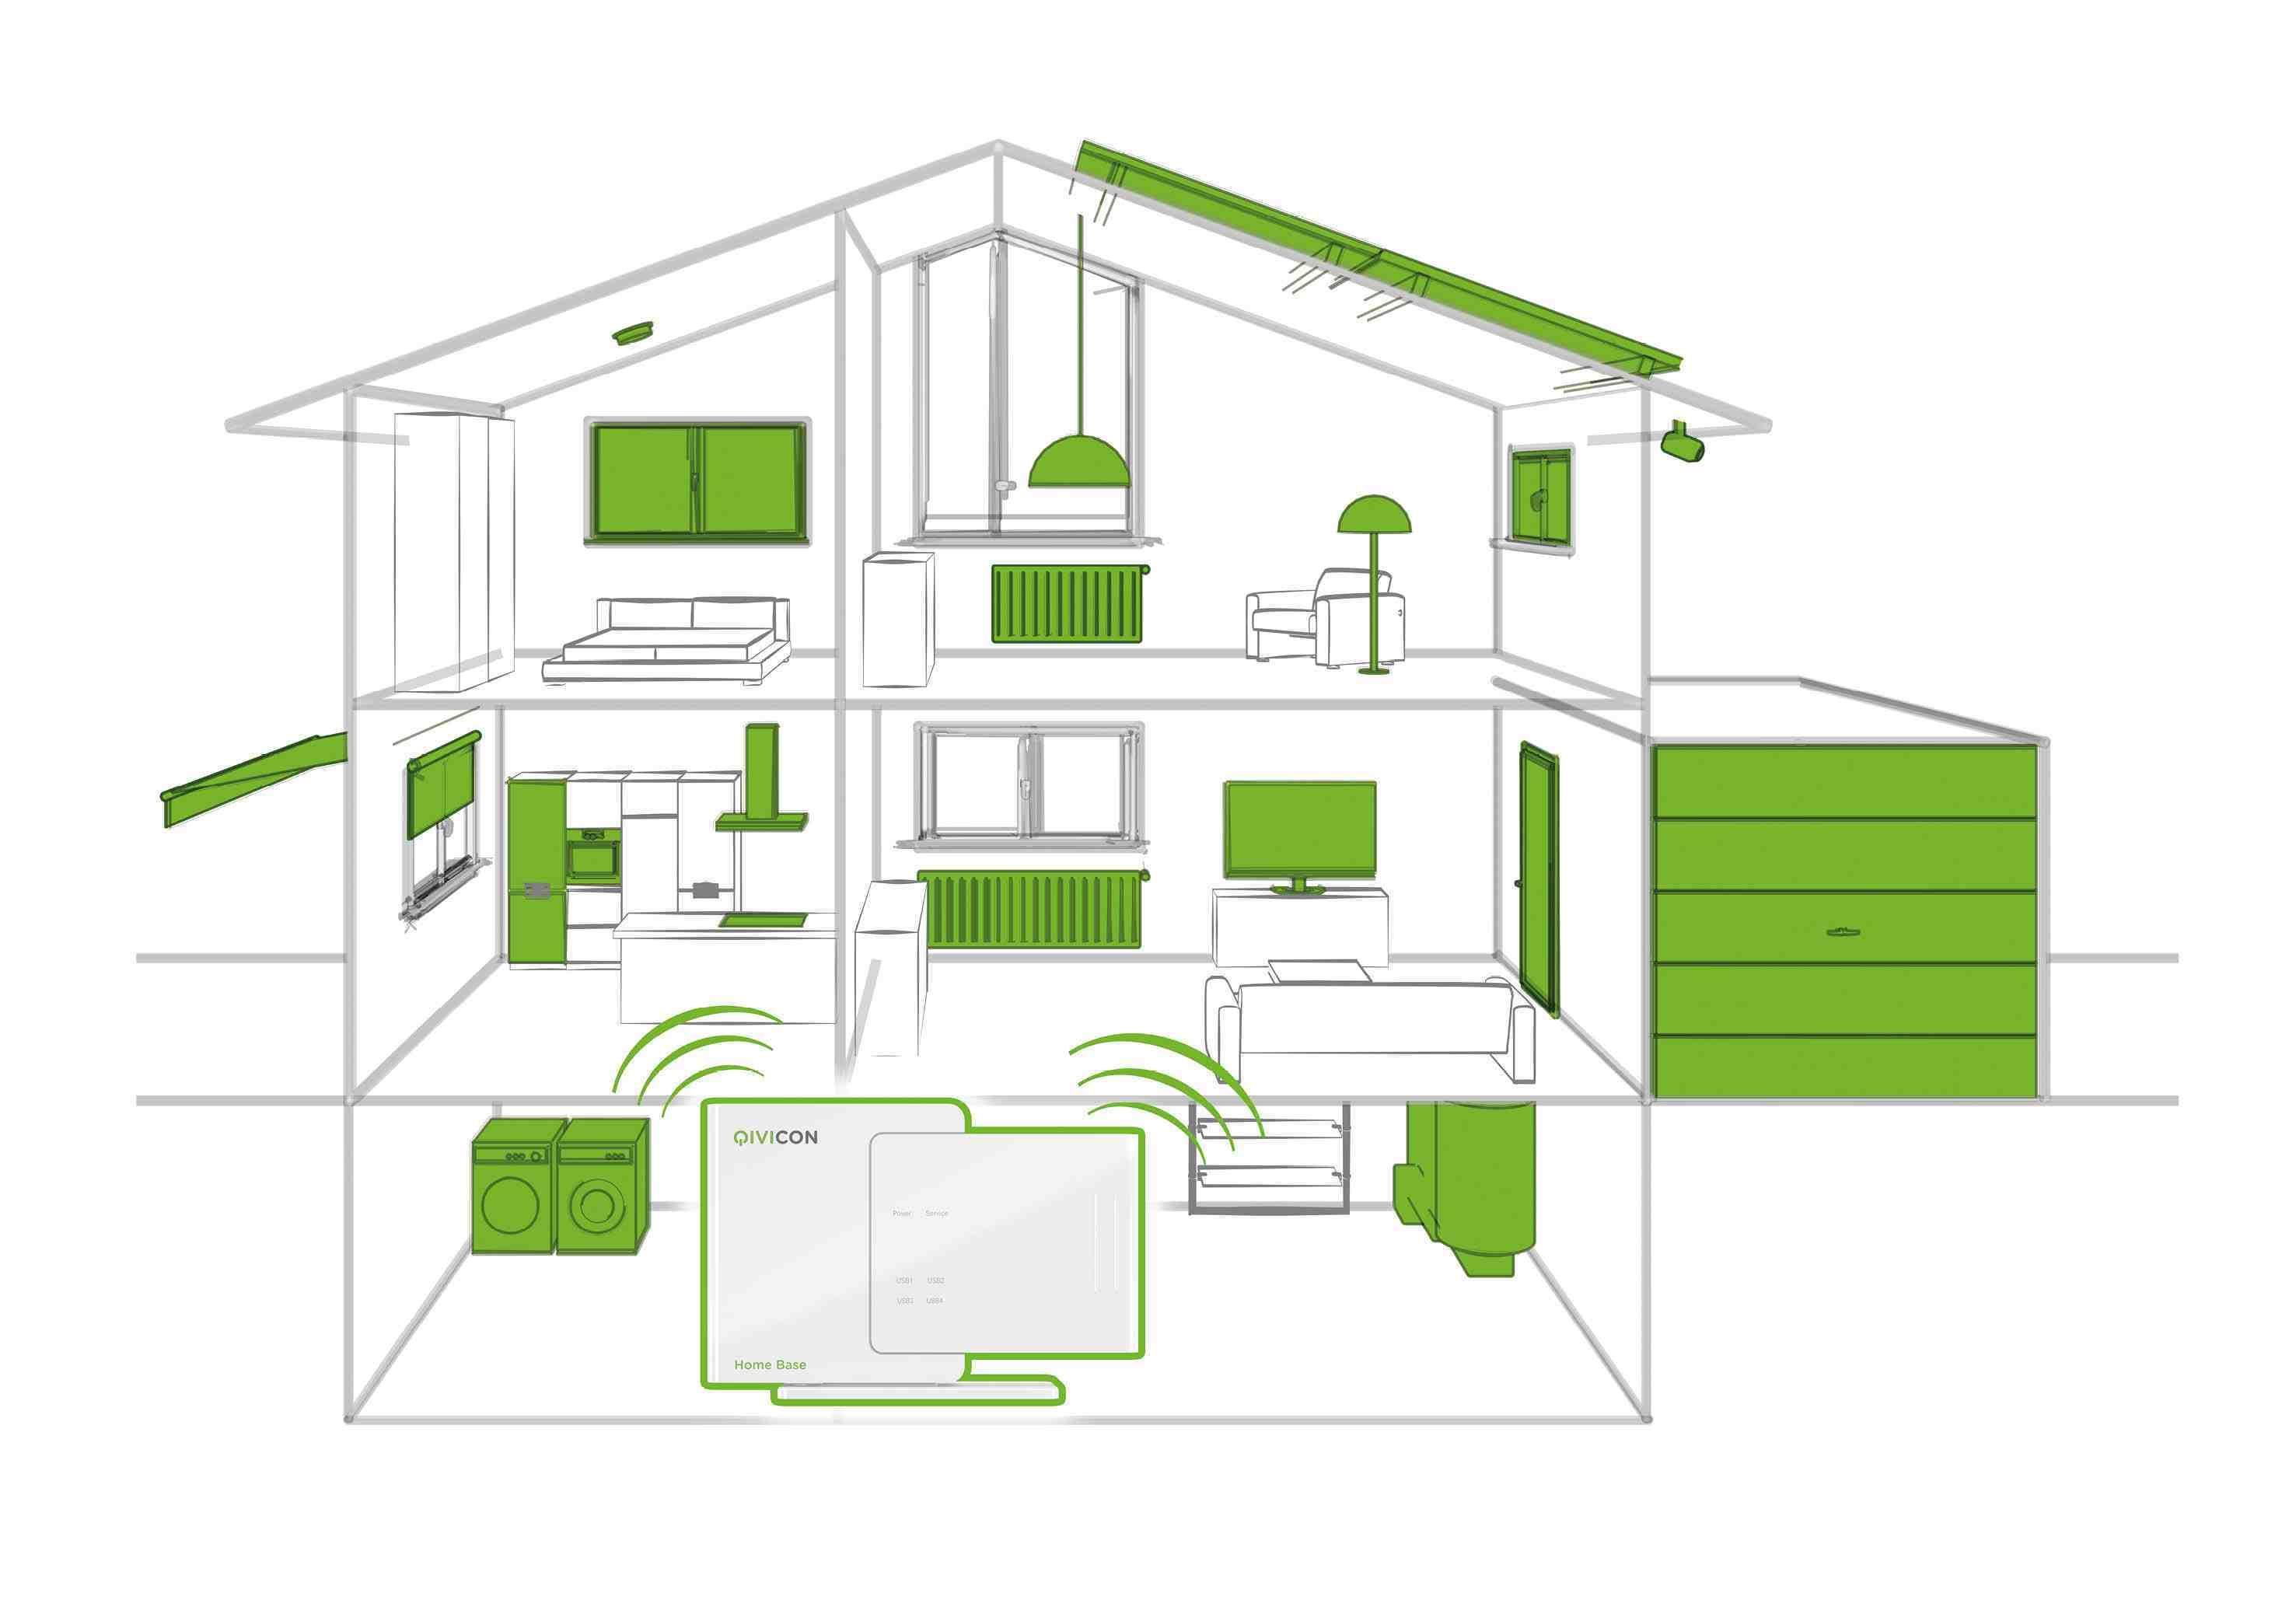 Smart Home – mehr Komfort genießen und bei der Versicherung sparen  Dieses eigene Plus an Sicherheit wird wohl in Zukunft von der Versicherung belohnt. In den USA beginnen die ersten Versicherungsunternehmen Smart Home Besitzer zu entlasten.